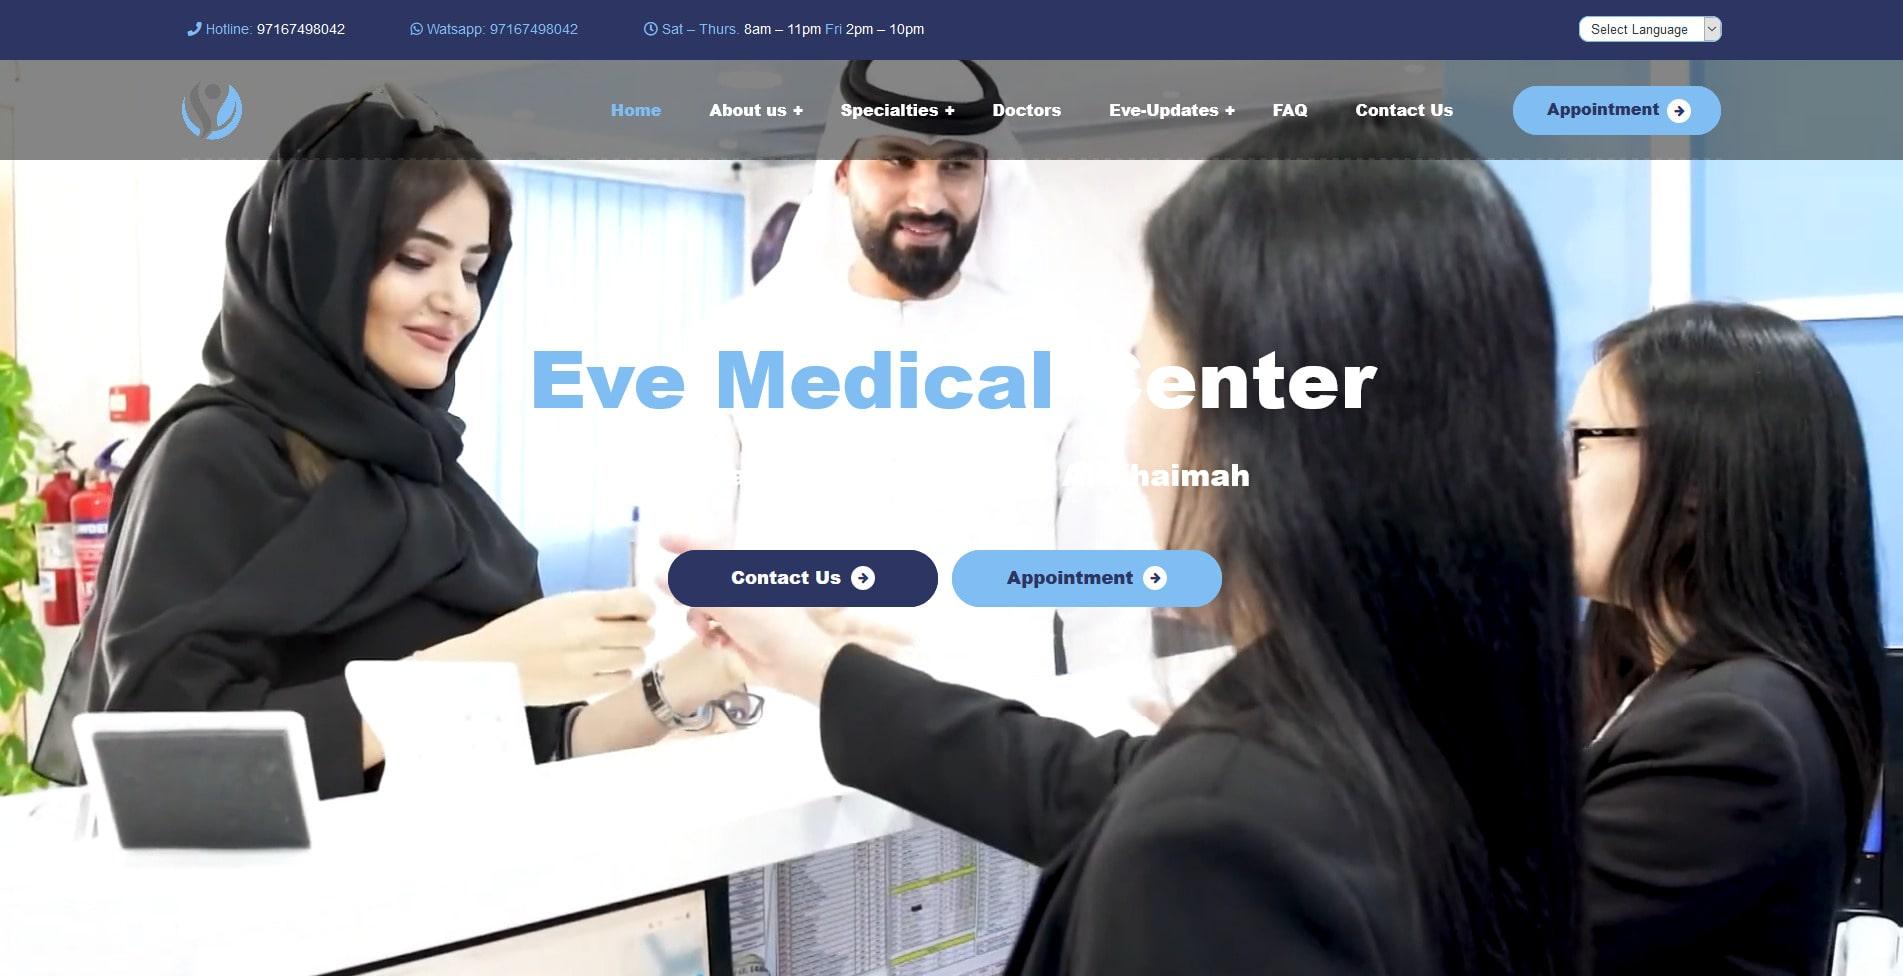 Eve Medical Center